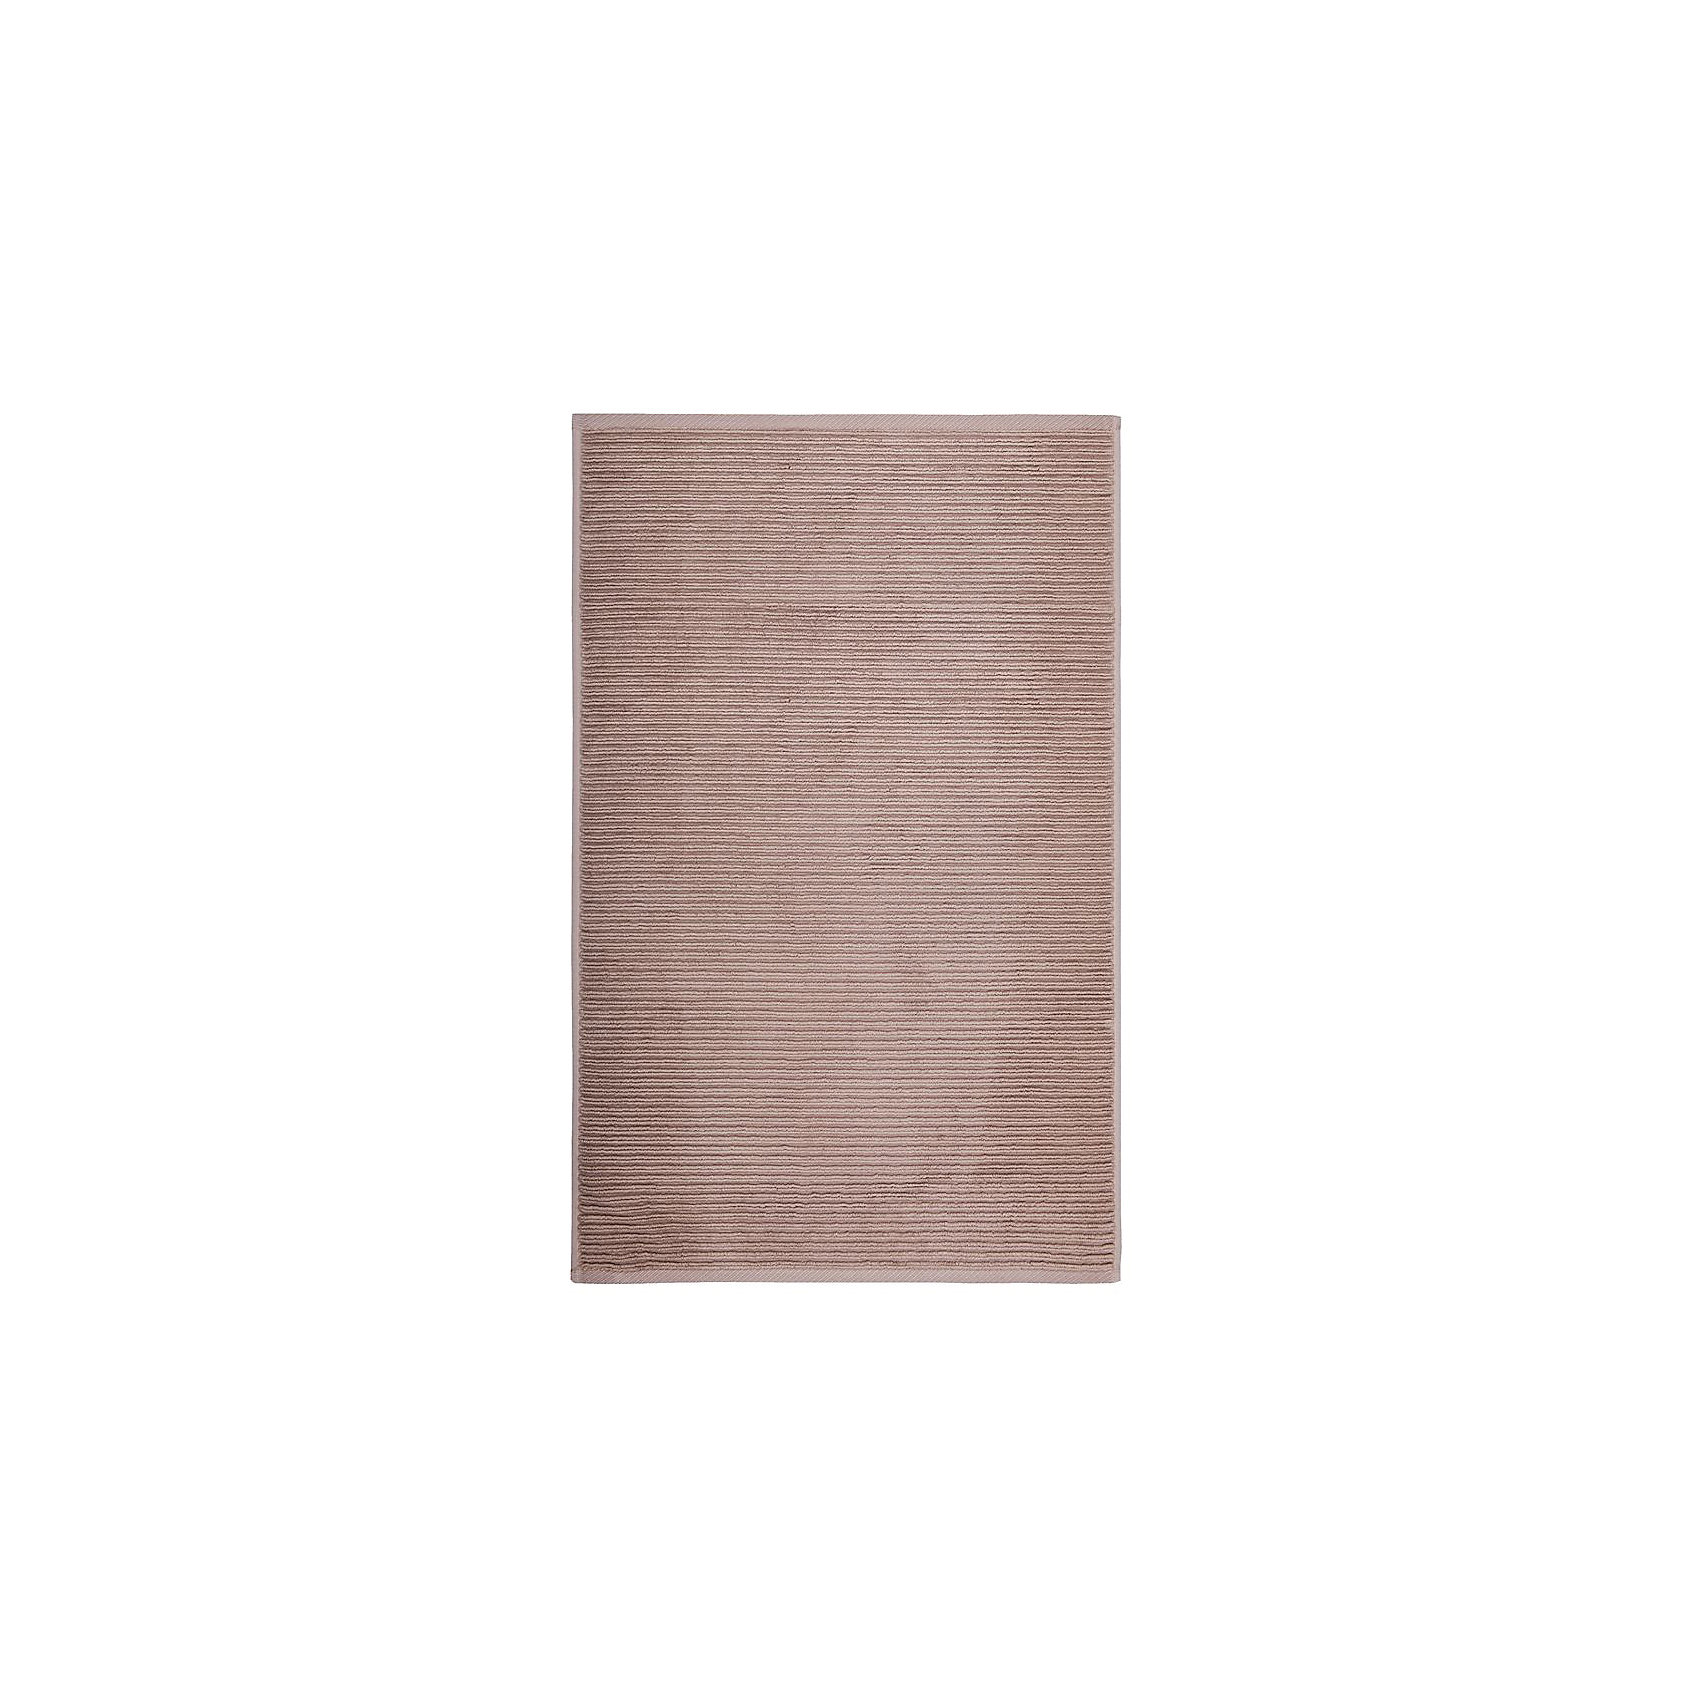 Полотенце для ног махровое Maison Bambu, 50*70, TAC, коричневый (toprak)Ванная комната<br>Характеристики:<br><br>• Вид домашнего текстиля: махровое полотенце<br>• Размеры полотенца: 50*70 см<br>• Рисунок: без рисунка<br>• Материал: хлопок, 50% хлопок; бамбук, 50%<br>• Цвет: коричневый<br>• Плотность полотна: 850 гр/м2 <br>• Повышенные впитывающие качества<br>• Вес: 300 г<br>• Размеры упаковки (Д*Ш*В): 25*3*25 см<br>• Особенности ухода: машинная стирка <br><br>Полотенце для ног махровое Maison Bambu, 50*70, TAC, коричневый (toprak) от наиболее популярного бренда на отечественном рынке среди производителей комплектов постельного белья и текстильных принадлежностей, выпуском которого занимается производственная компания, являющаяся частью мирового холдинга Zorlu Holding Textiles Group. Полотенце выполнено из сочетания натурального хлопка и бамбукового волокна, что обеспечивает гипоаллергенность, высокую износоустойчивость, повышенные гигкоскопические и антибактериальные свойства изделия. <br><br>Благодаря высокой степени плотности махры, полотенце отлично впитывает влагу, но при этом остается мягким. Ворс окрашен стойкими нетоксичными красителями, который не оставляет запаха и обеспечивает ровный окрас. Полотенце сохраняет свой цвет и форму даже при частых стирках. Выполнено в коричневом цвете без рисунка.<br><br>Полотенце для ног махровое Maison Bambu, 50*70, TAC, коричневый (toprak) можно купить в нашем интернет-магазине.<br><br>Ширина мм: 250<br>Глубина мм: 30<br>Высота мм: 250<br>Вес г: 400<br>Возраст от месяцев: 216<br>Возраст до месяцев: 1188<br>Пол: Унисекс<br>Возраст: Детский<br>SKU: 5476346